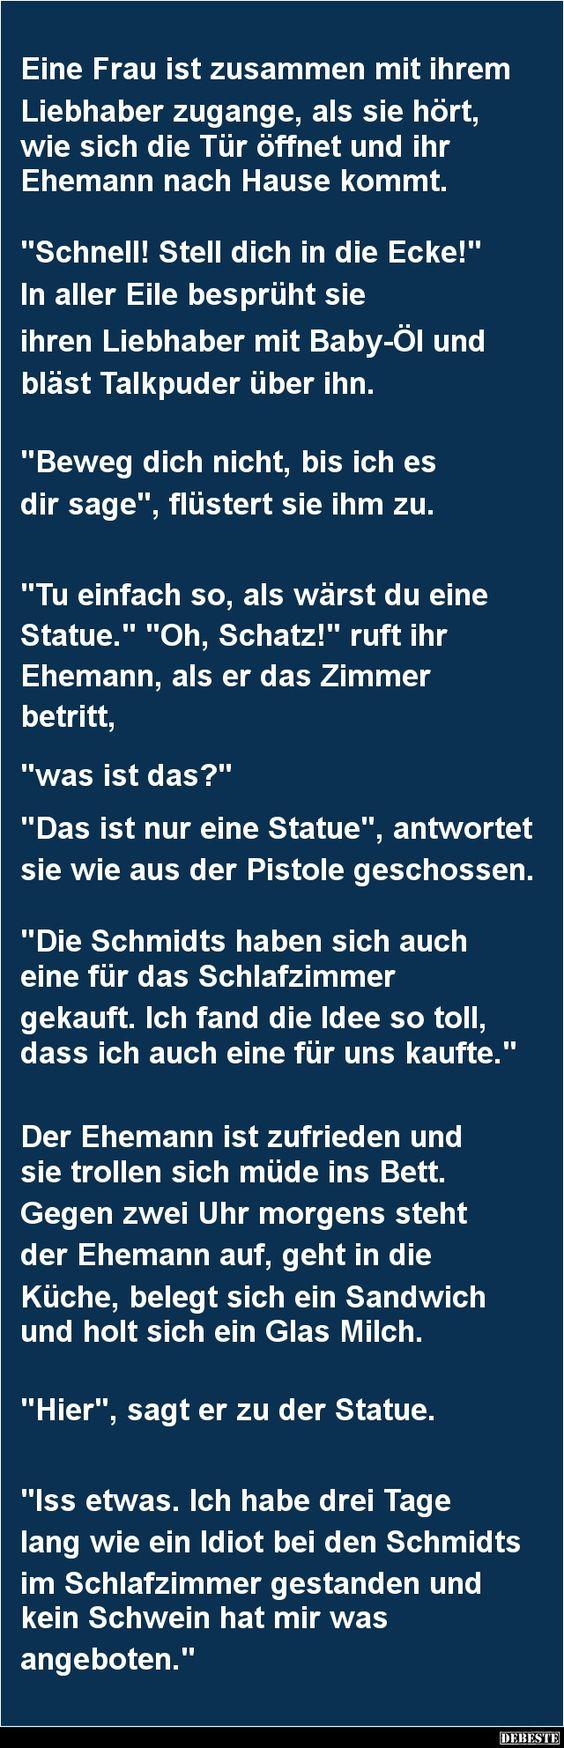 eine frau ist zusammen mit ihrem liebhaber zugange | debeste.de